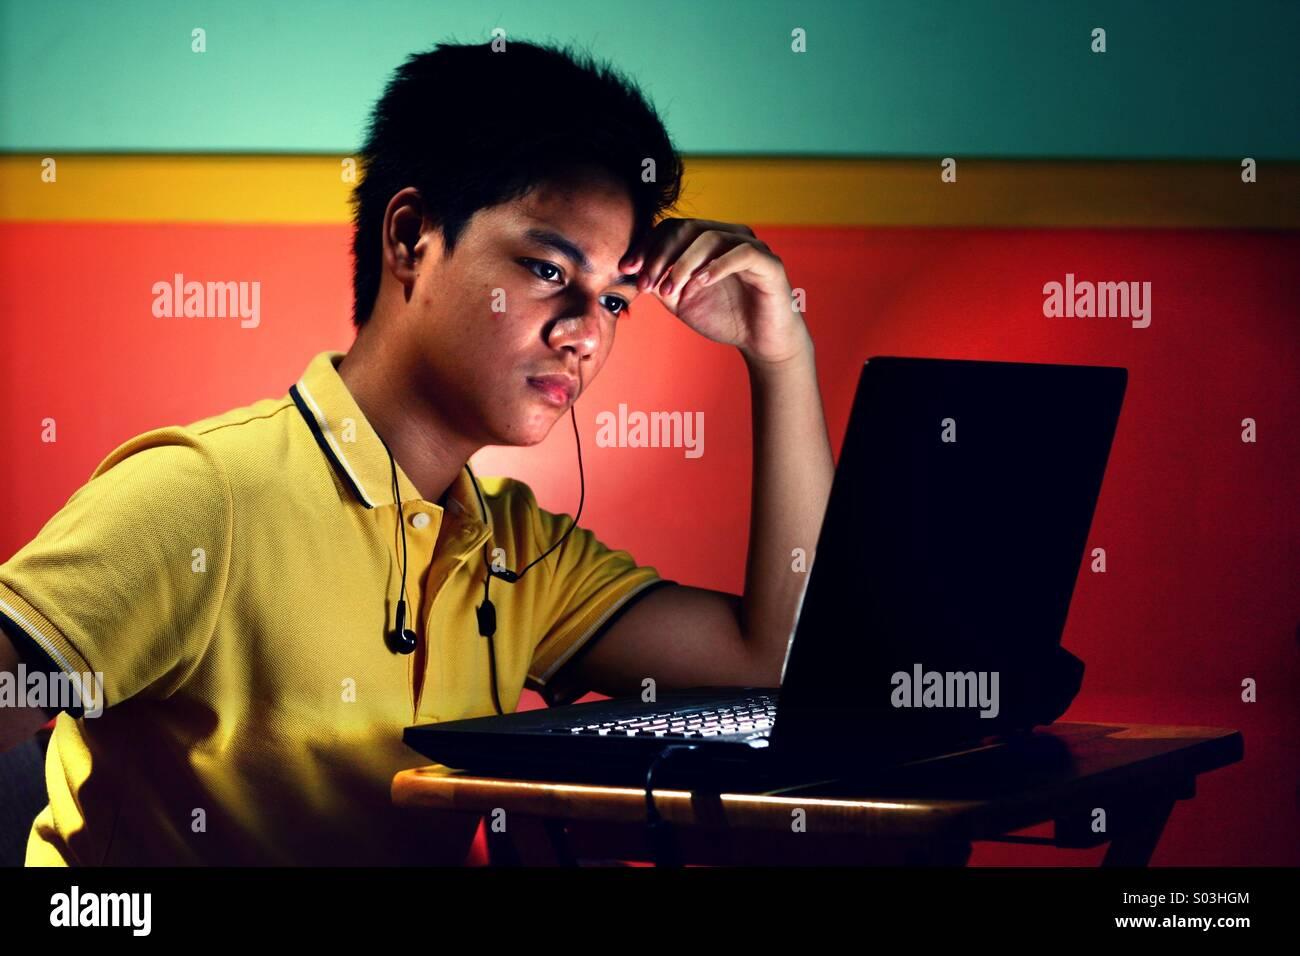 Asian ragazzo adolescente di lavoro o di studio su un computer portatile Immagini Stock